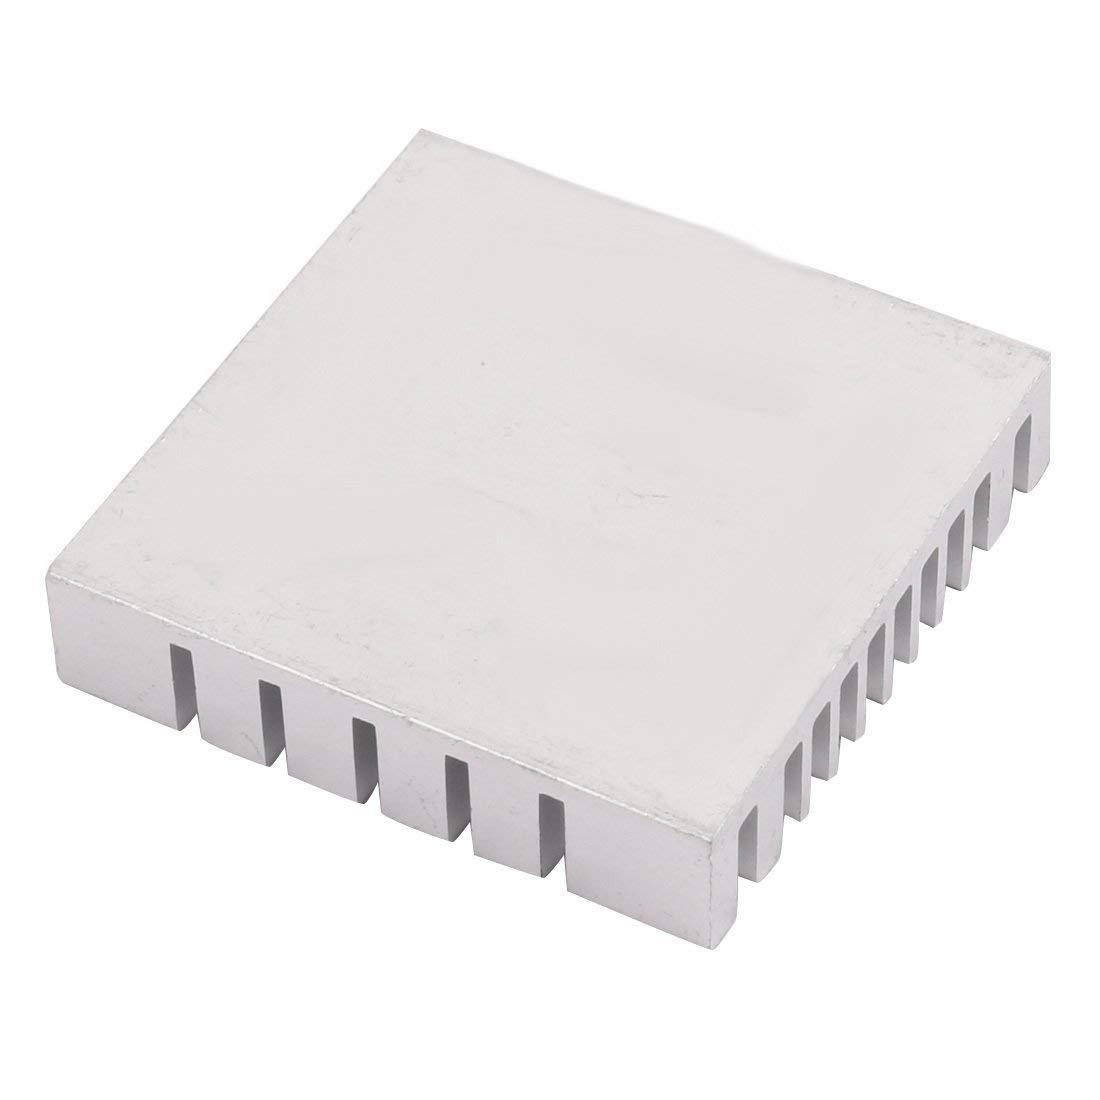 Ucland 40mm x 40mm x 9mm Aluminum Heatsink Heat Diffuse Cooling Fin Silver Tone